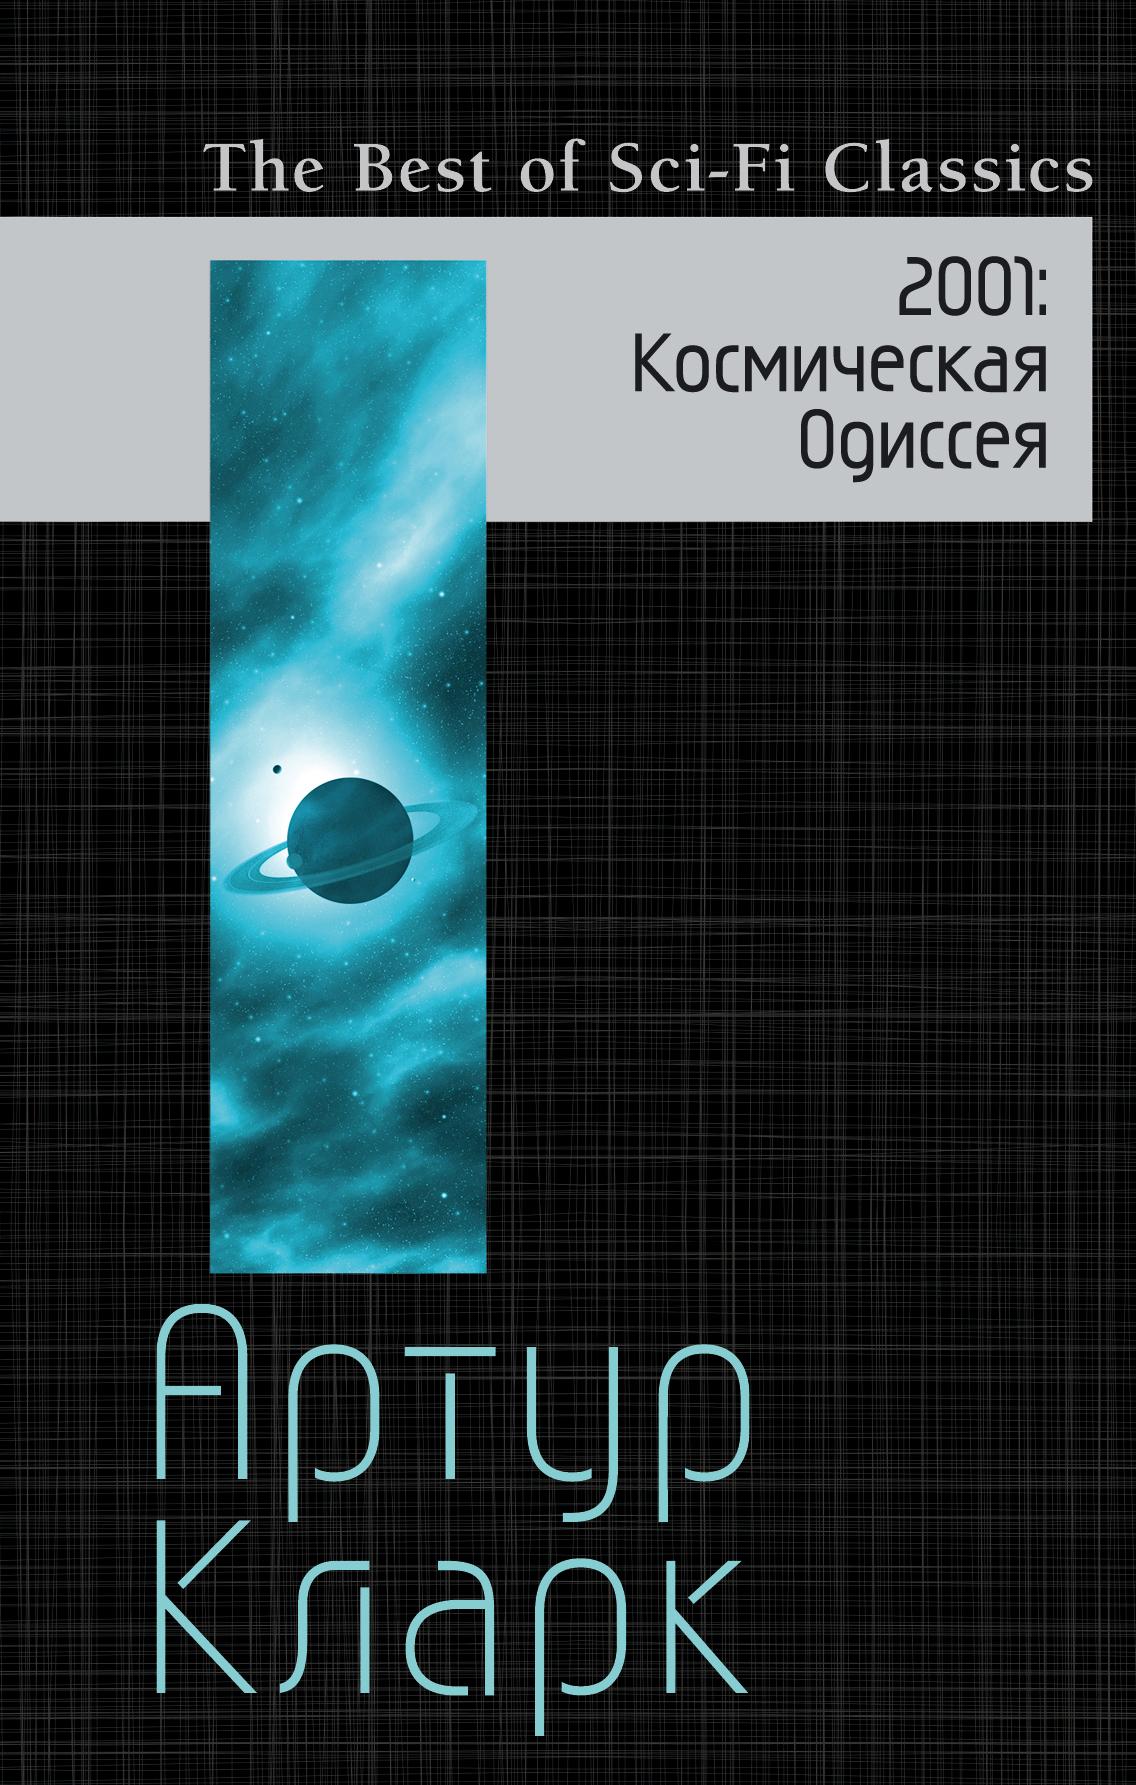 Артур Кларк 2001. Космическая Одиссея одиссея приключения картинки